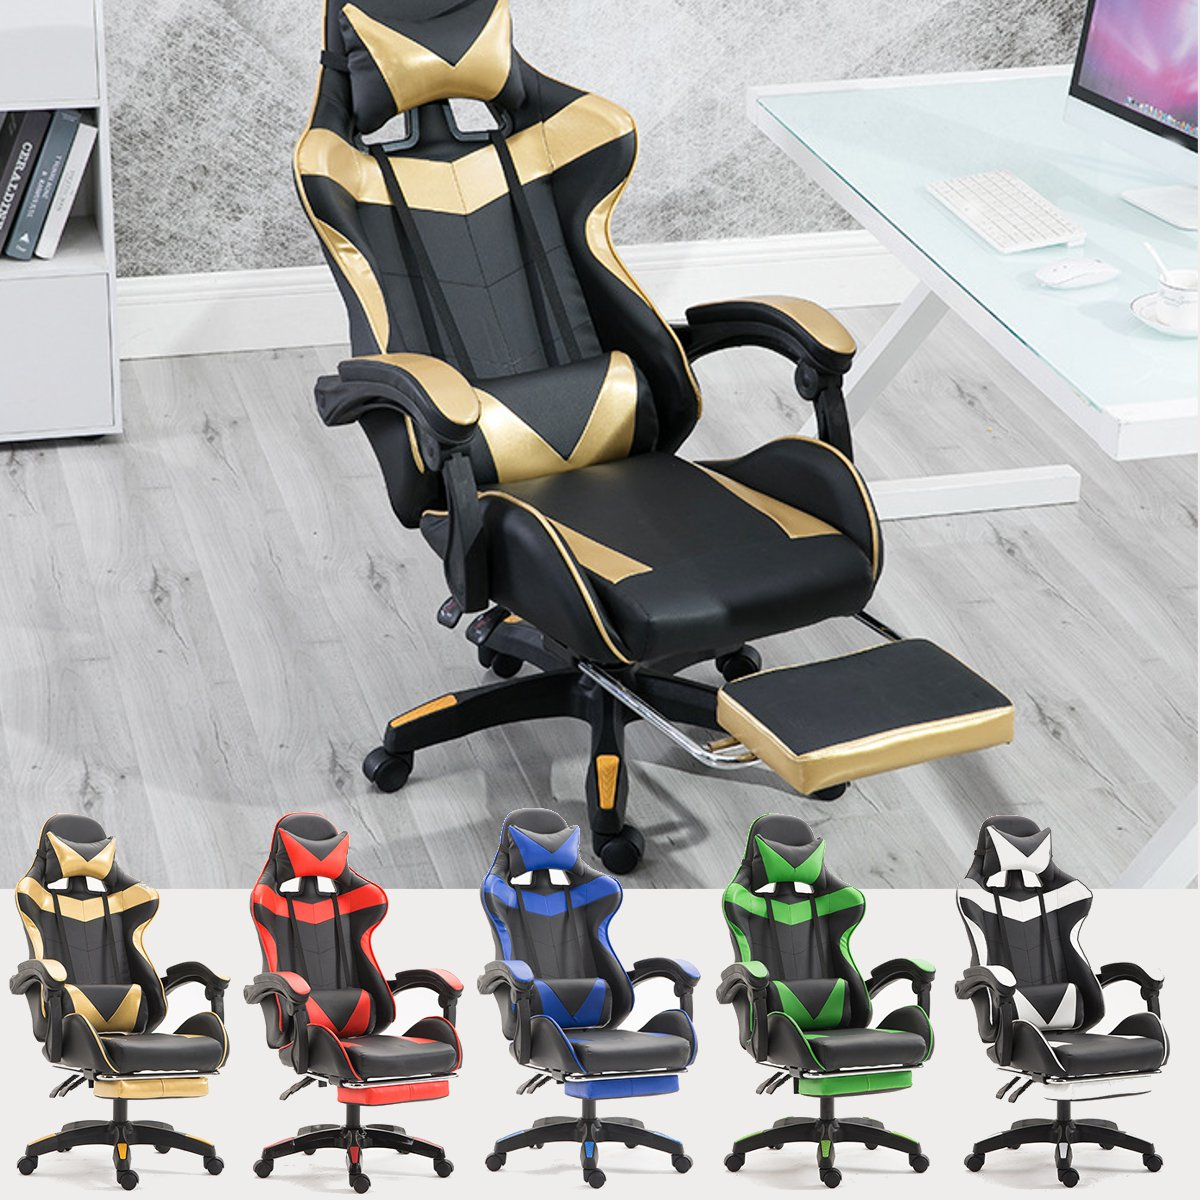 5 ألوان بولي Leather الجلود سباق كرسي ألعاب الفيديو مكتب عالية الظهر مريح كرسي مع مسند القدمين المهنية كرسي الكمبيوتر الأثاث